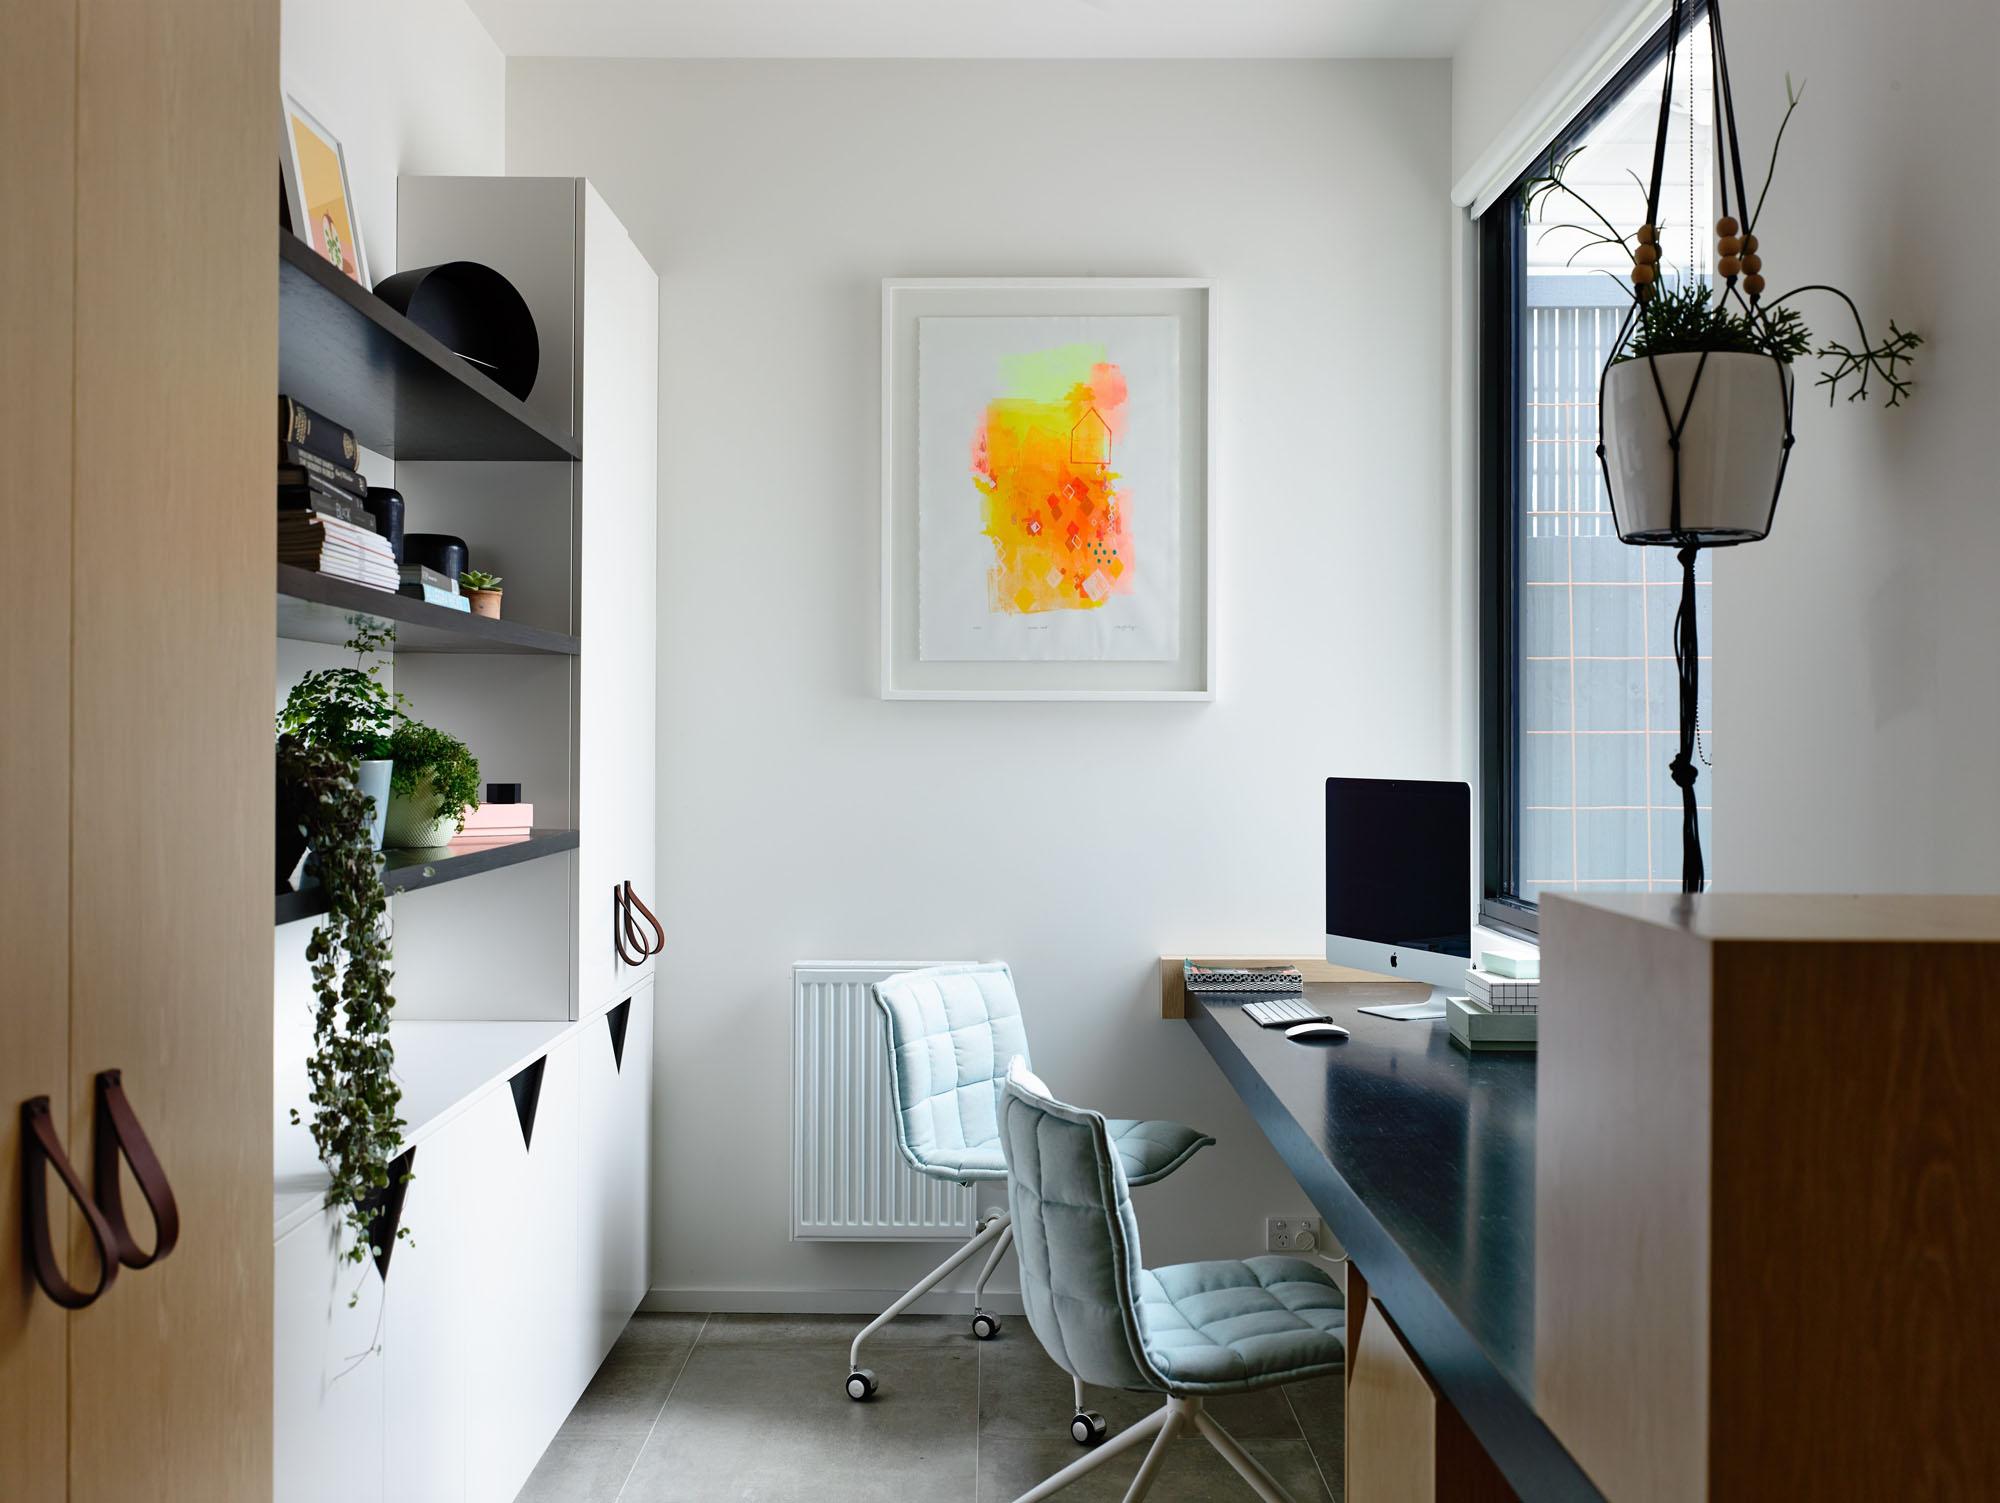 Sandringham-Residence-workspace